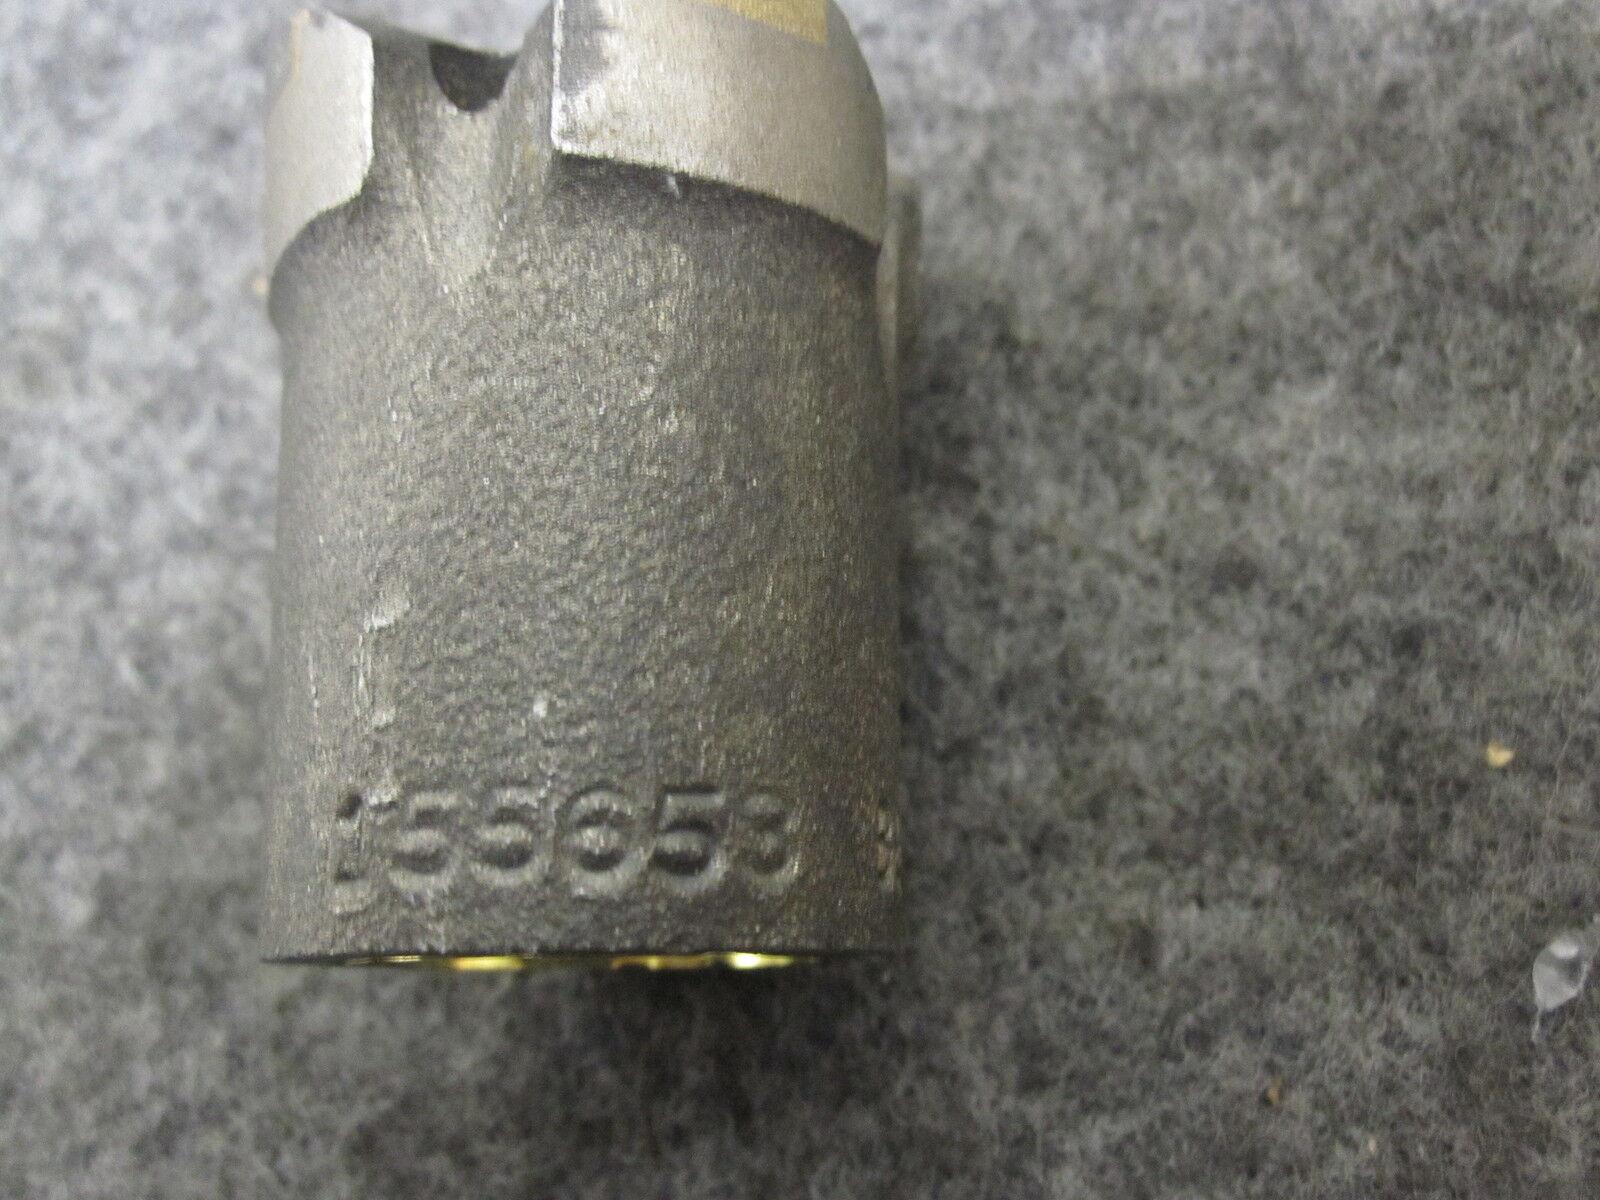 B & L 155653 CARBIDE TIPPED DRILL BIT 1-3/8